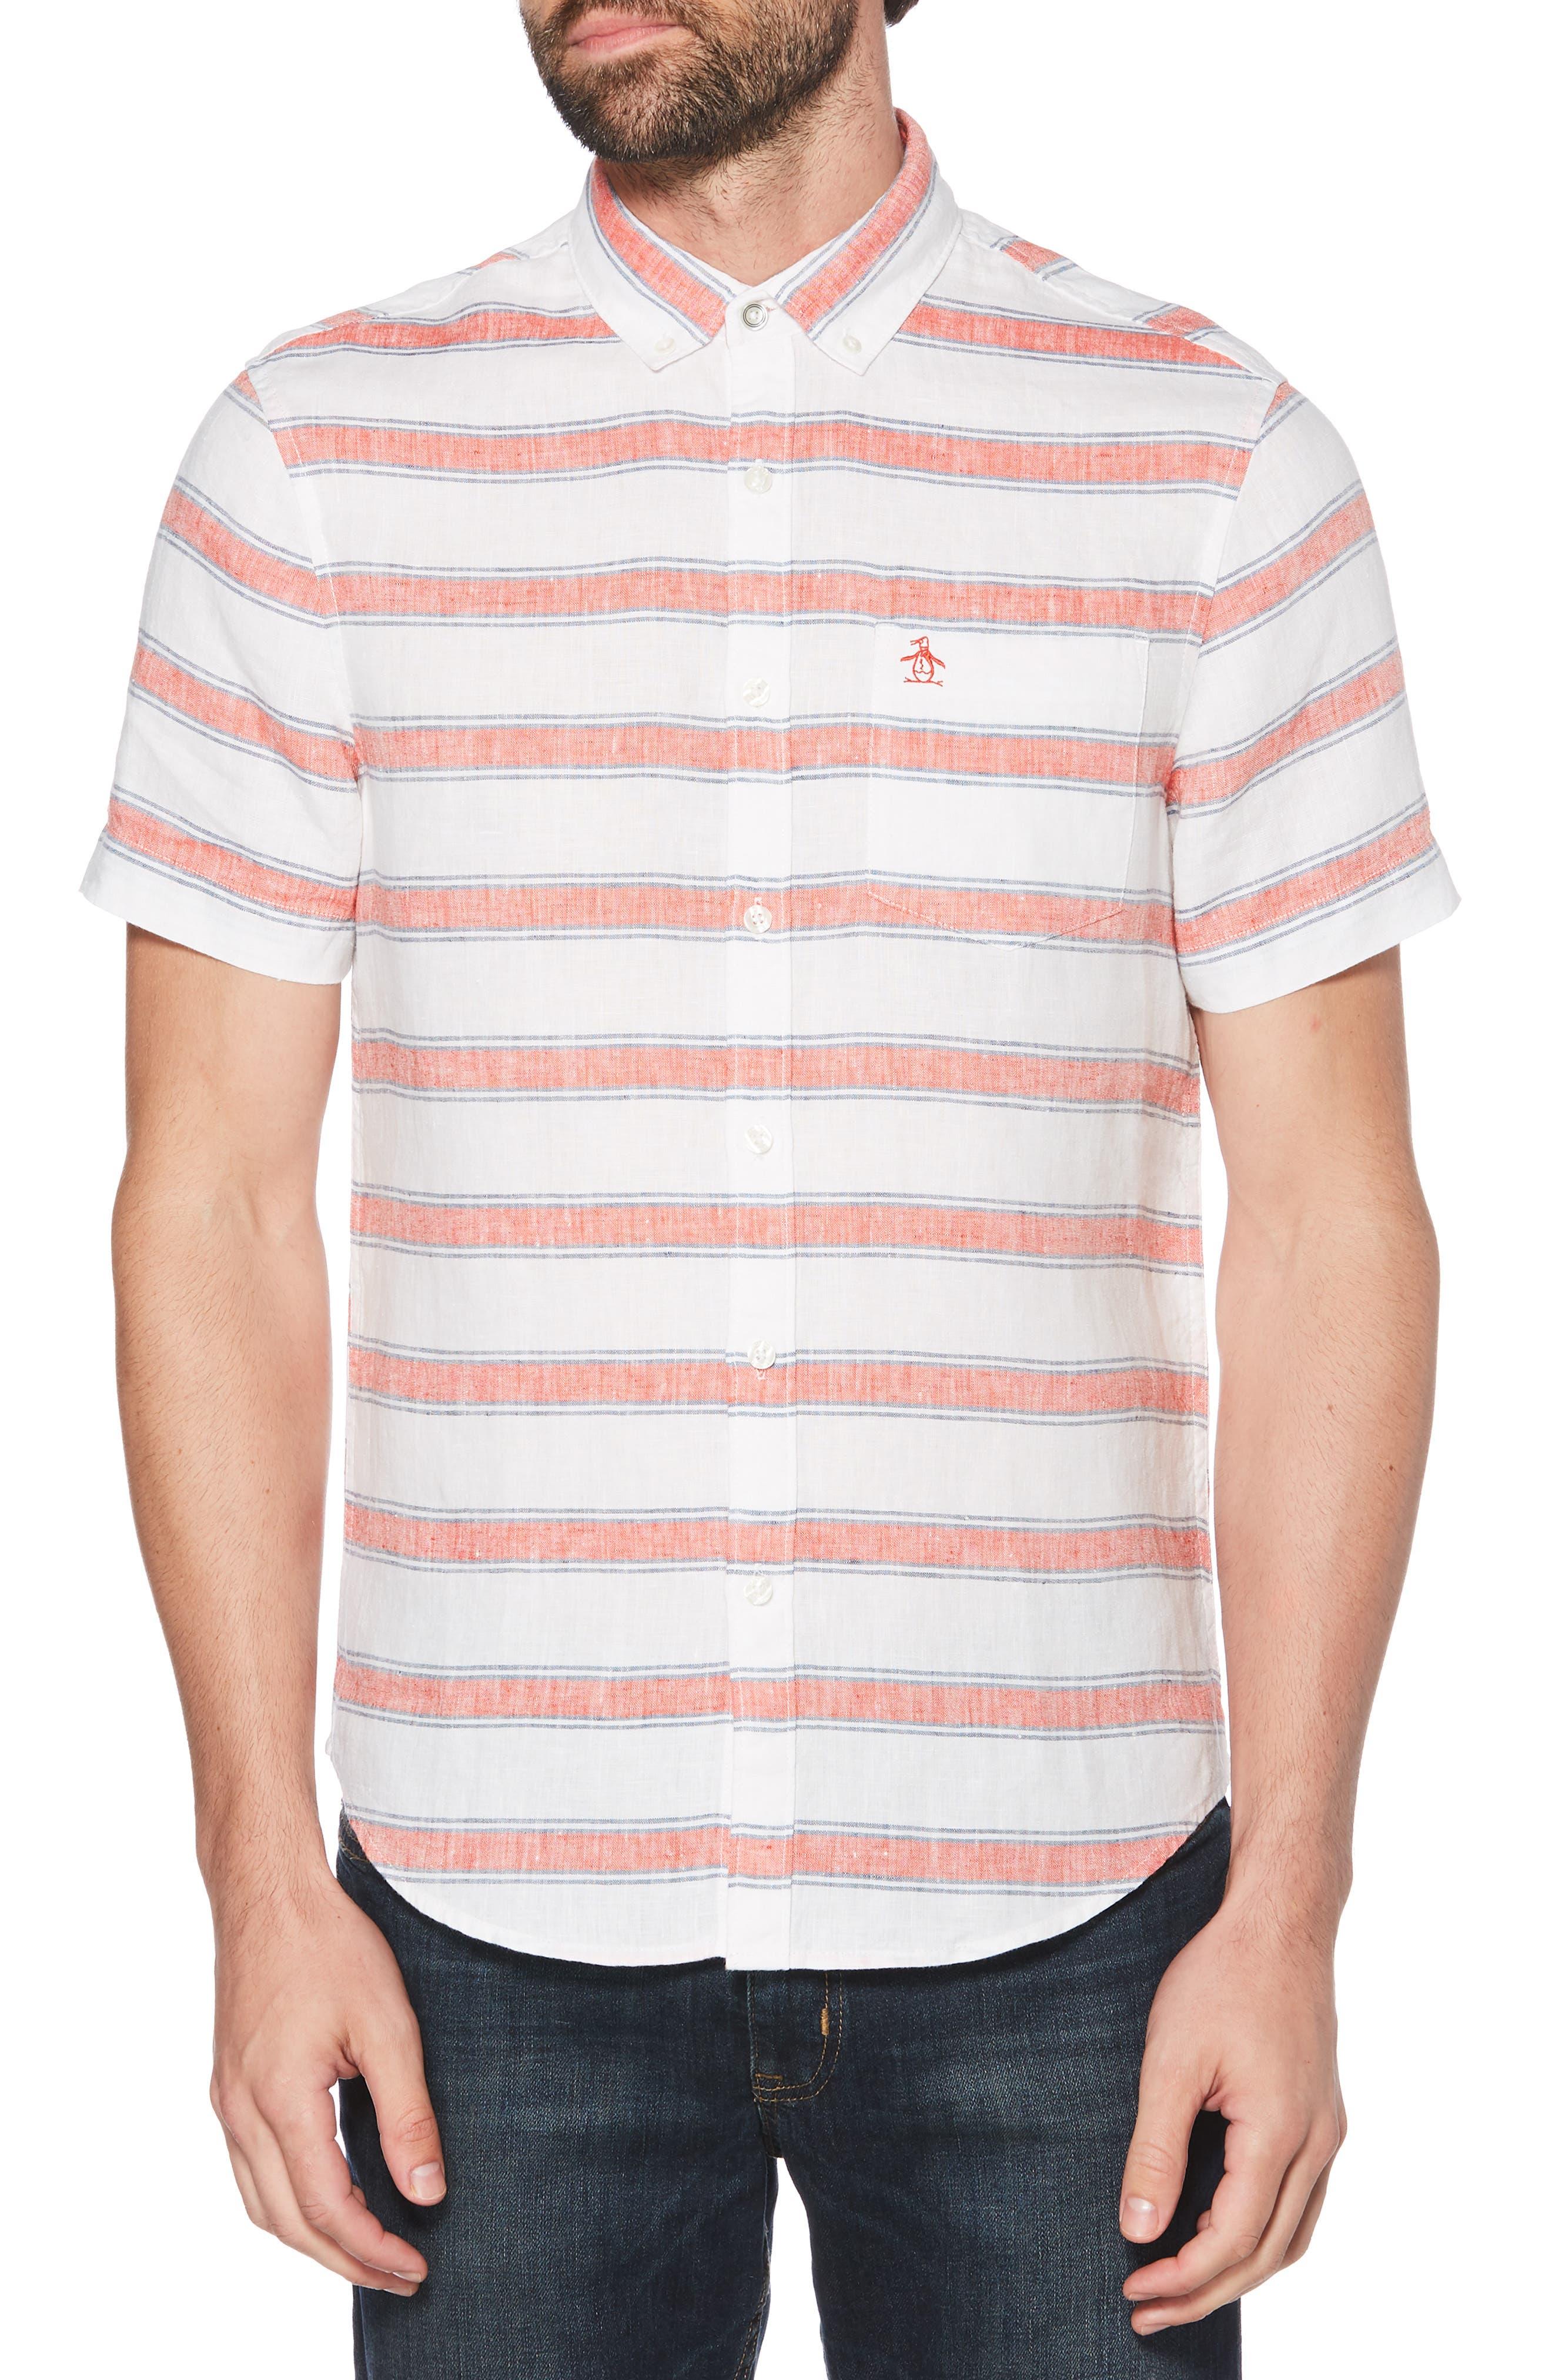 ORIGINAL PENGUIN, Horizontal Stripe Linen Shirt, Main thumbnail 1, color, BRIGHT WHITE